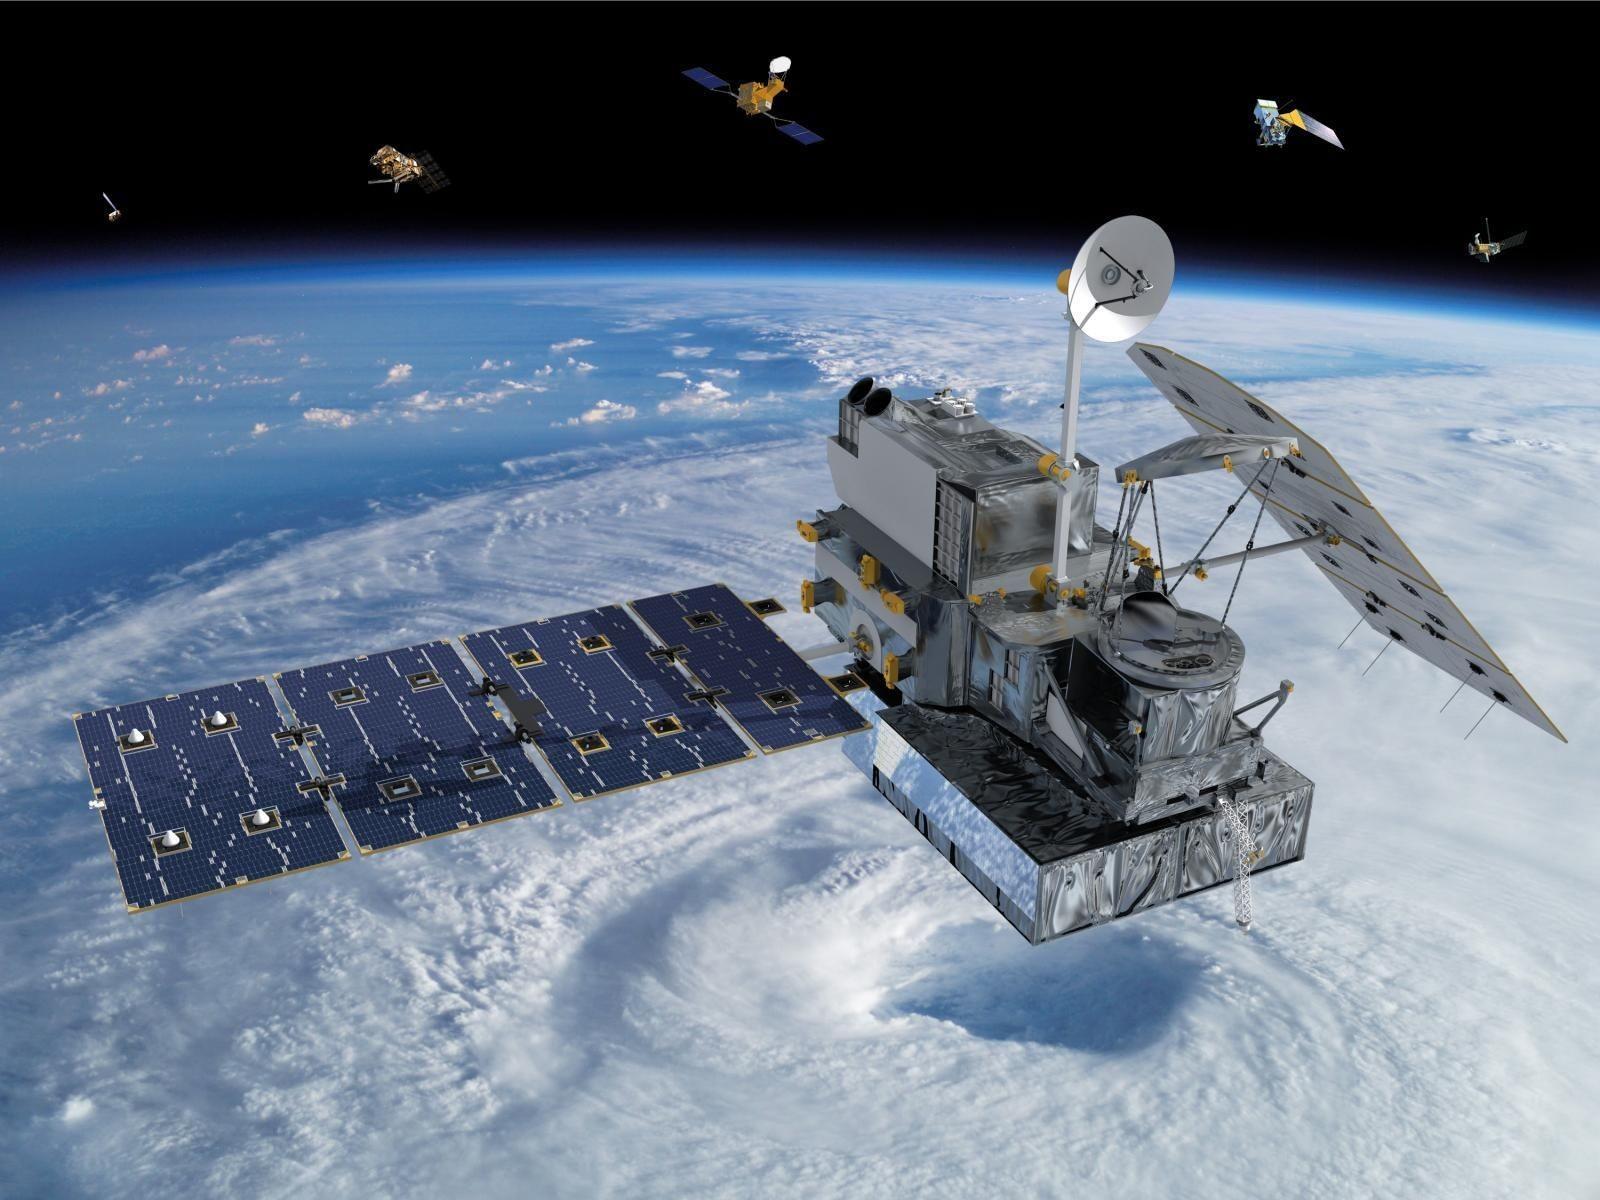 Запуск нового метеорологического спутника отложили вСША из-за неполадок